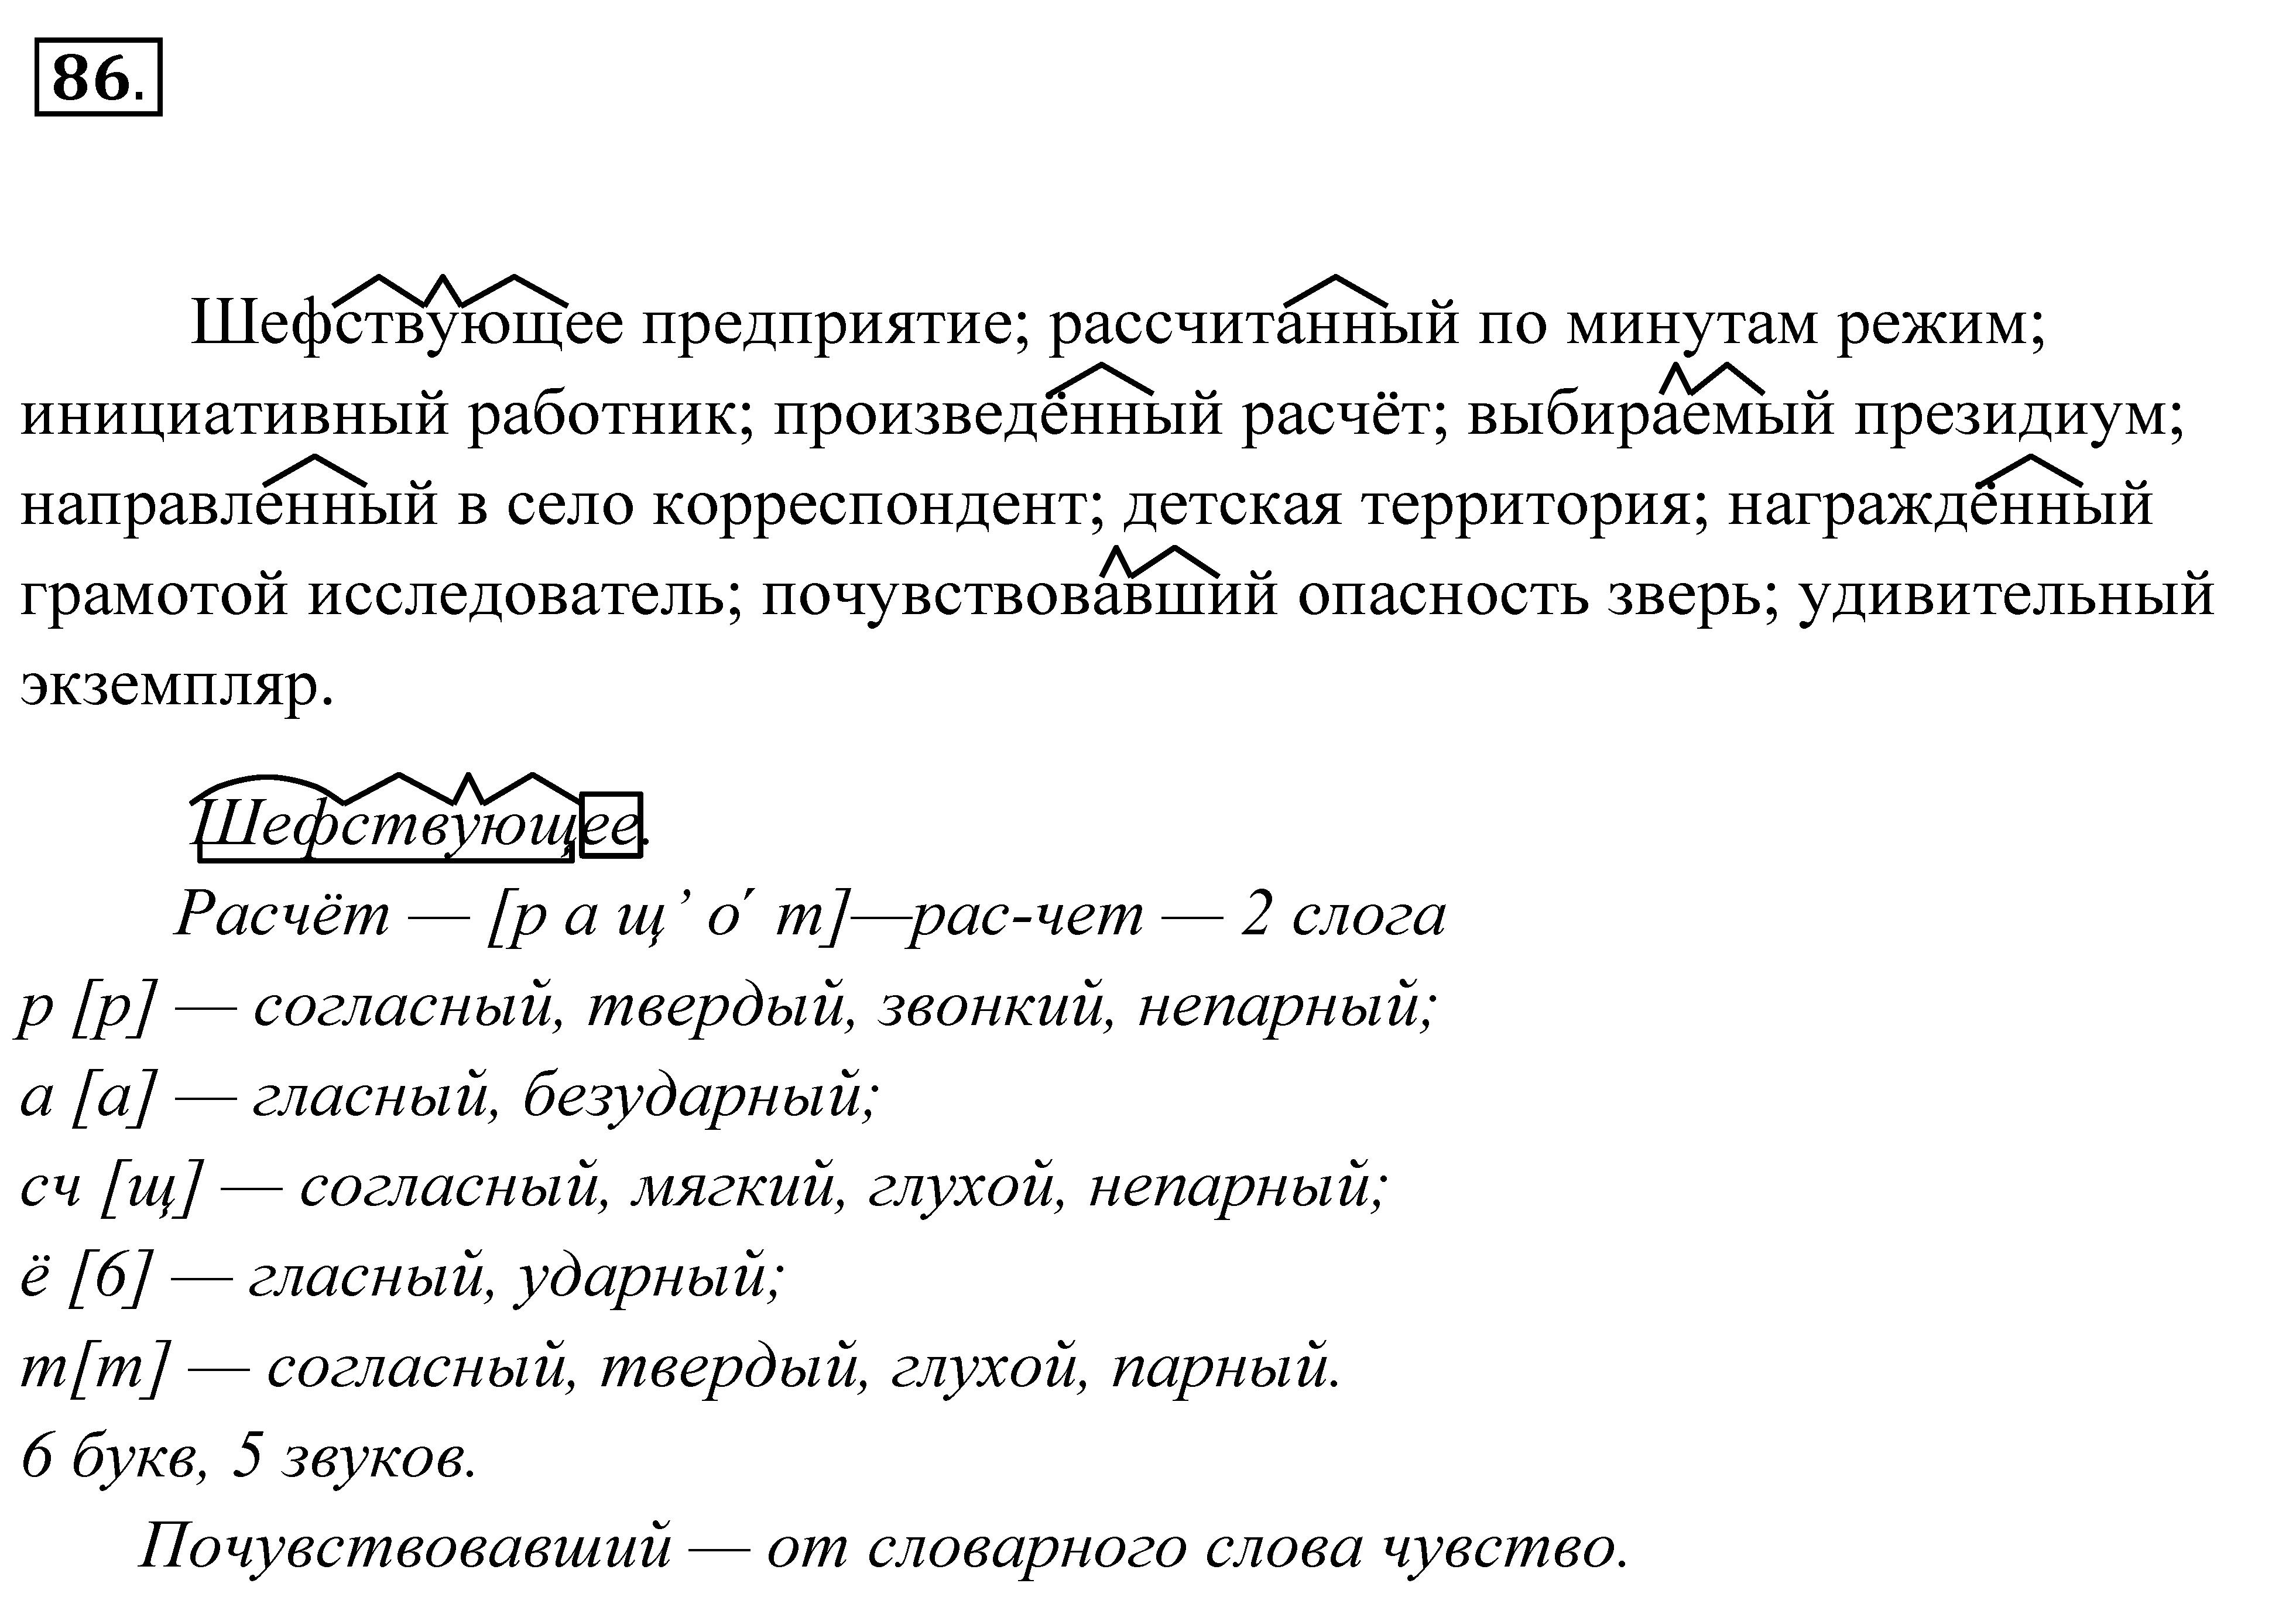 Упражнение по русскому языку 216 7 класс пименова